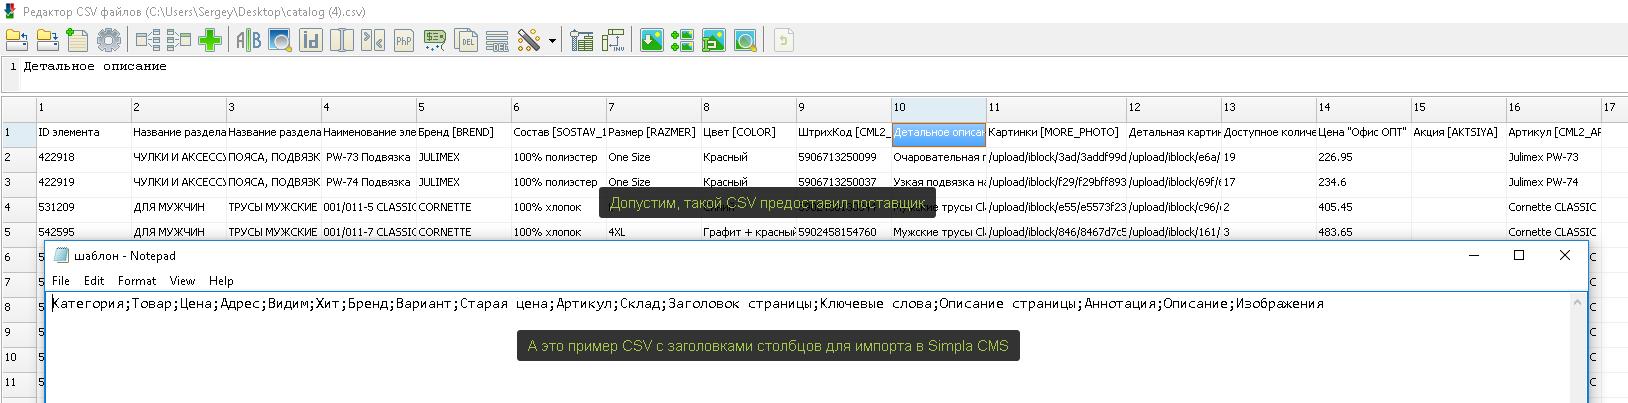 Редактирование CSV